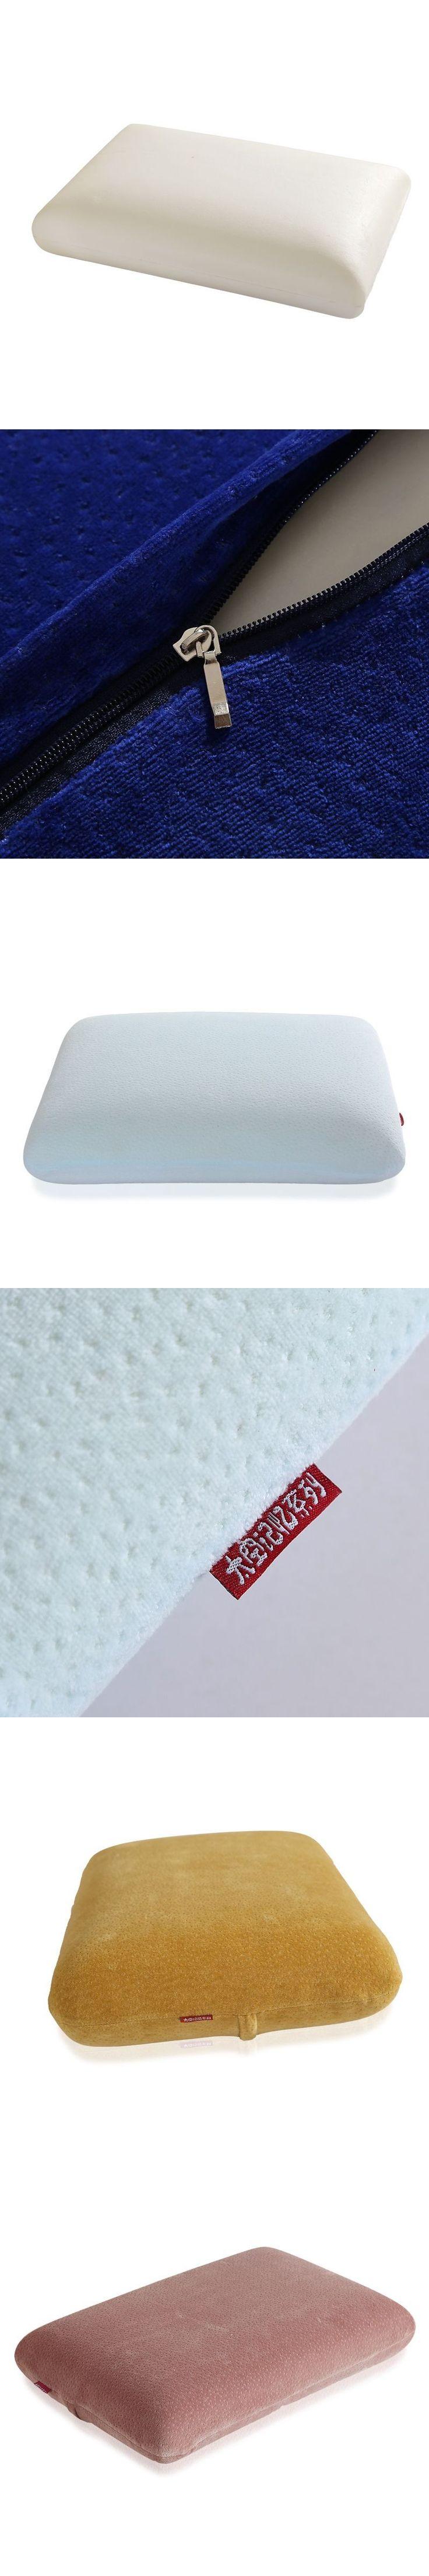 21 best ikrema inc images on pinterest foam mattress memory foam